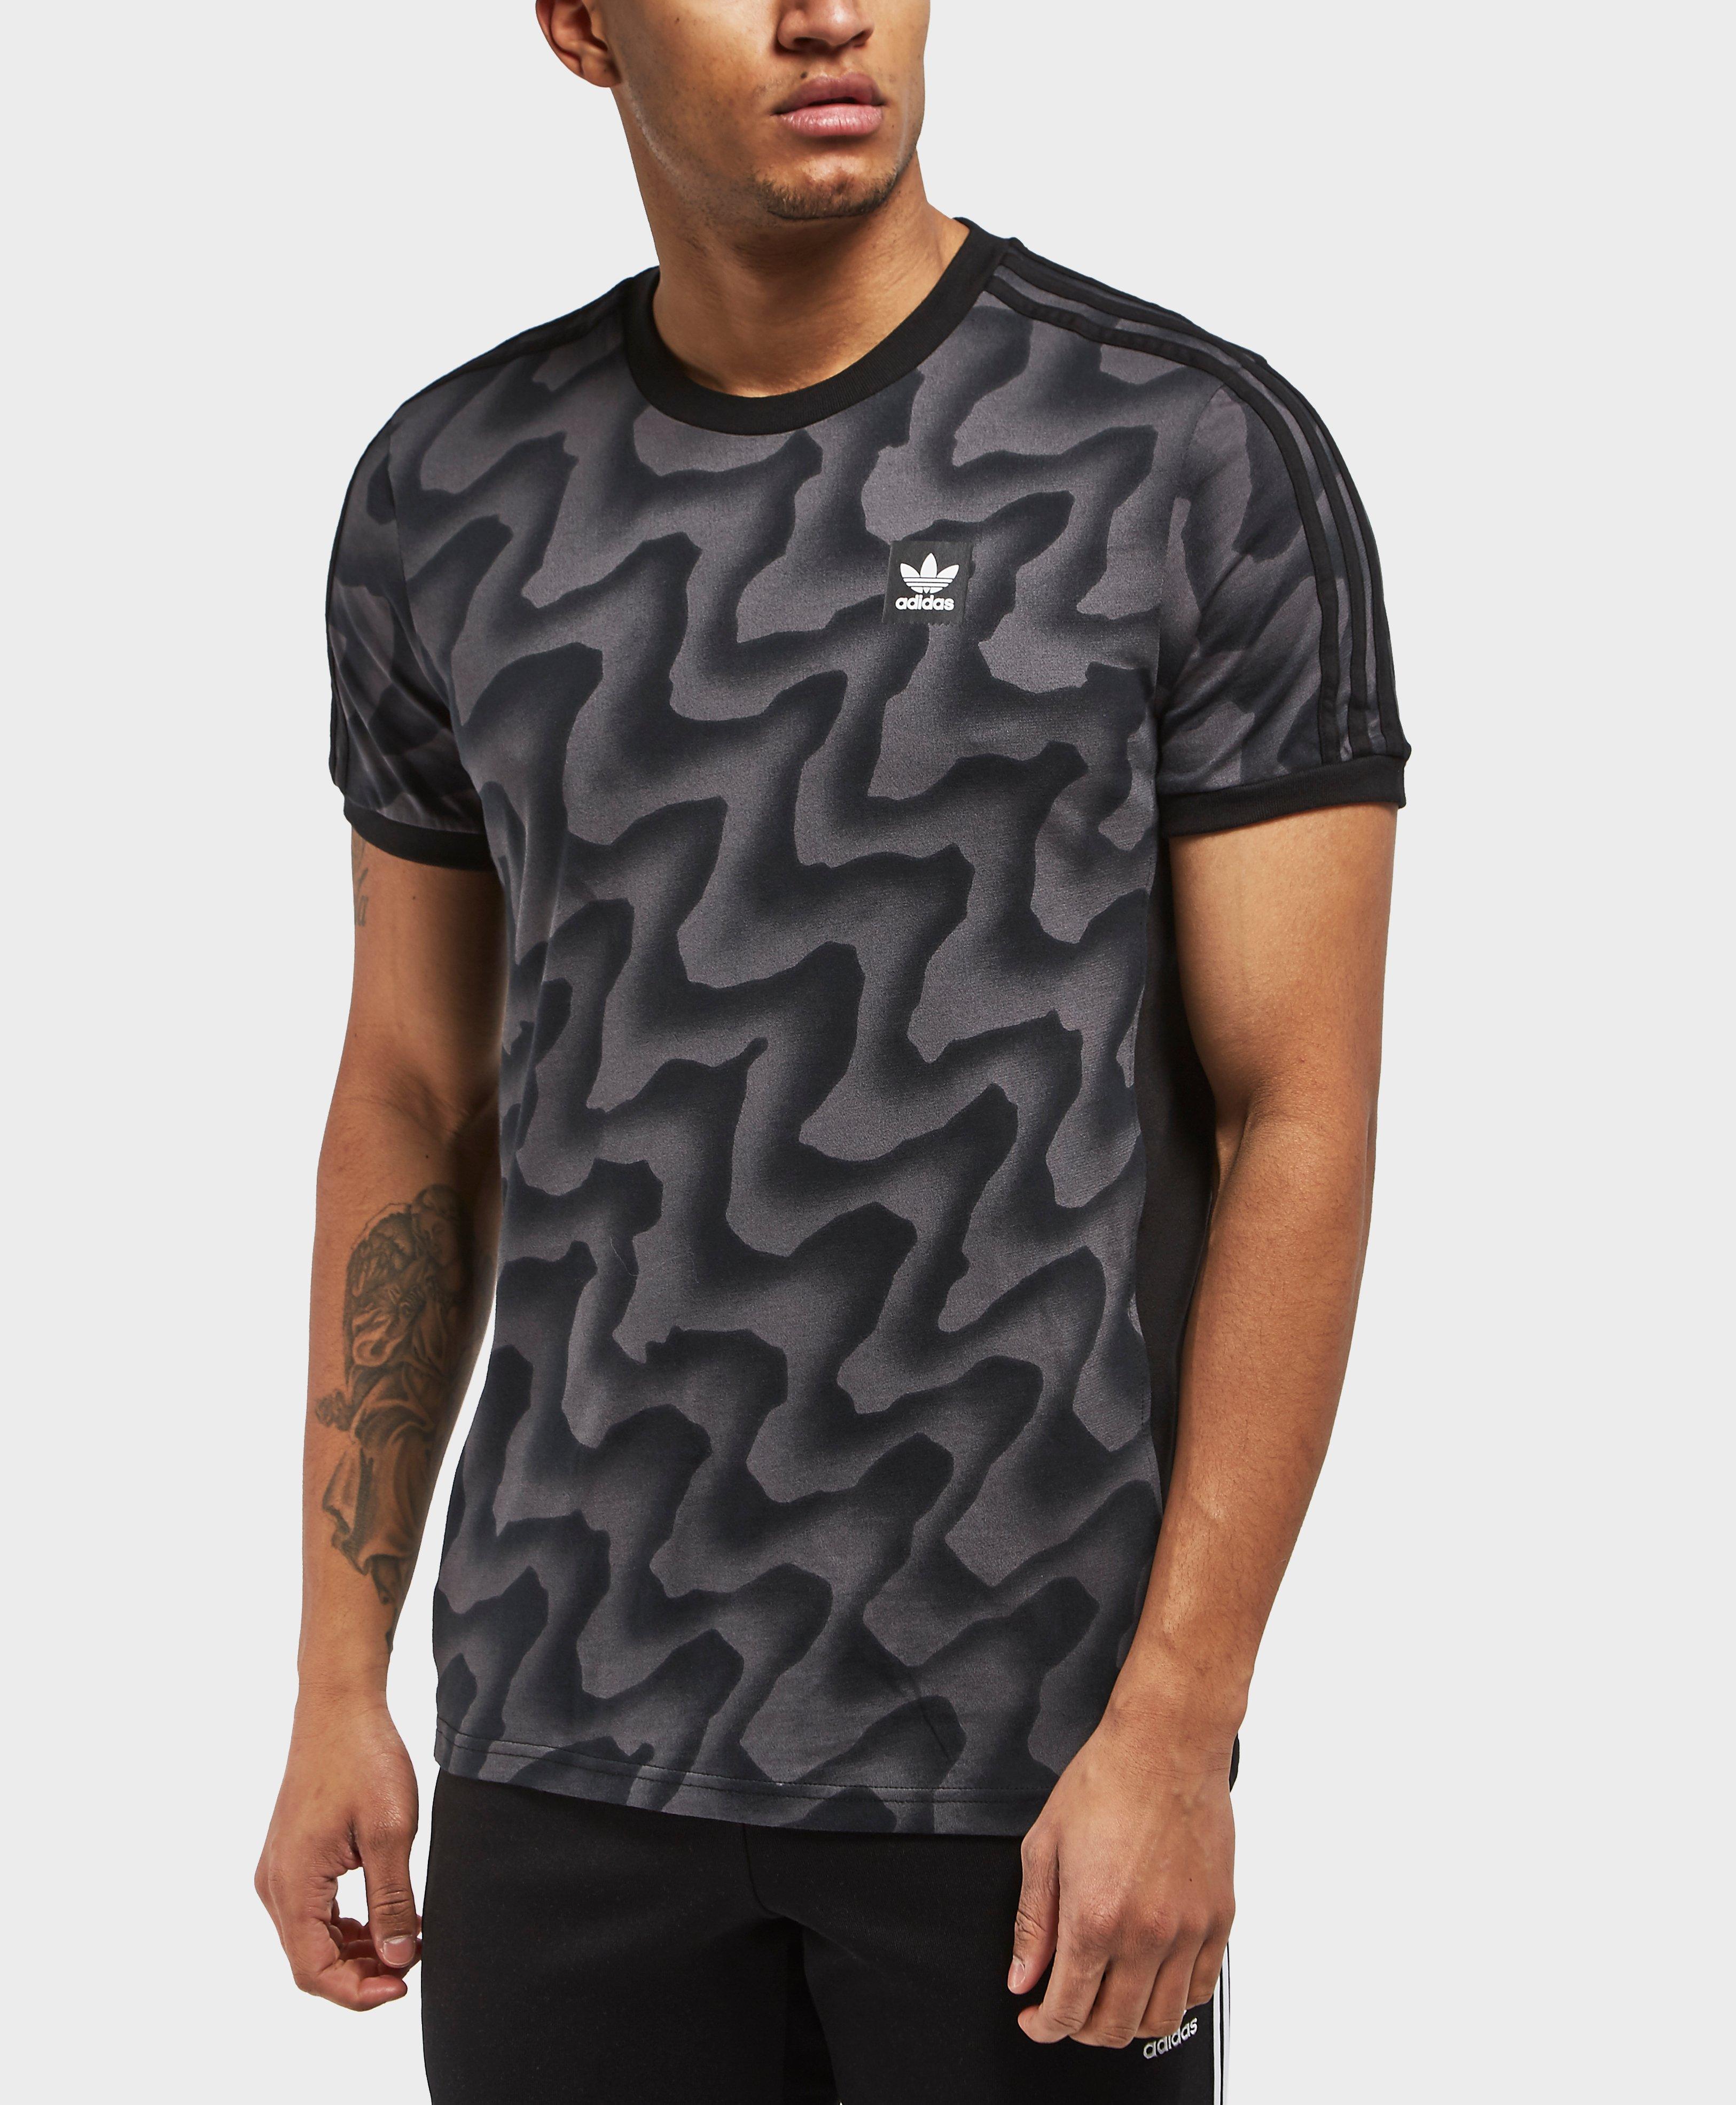 b7ea6952e8 adidas Originals Warp Print Short Sleeve T-shirt in Black for Men - Lyst